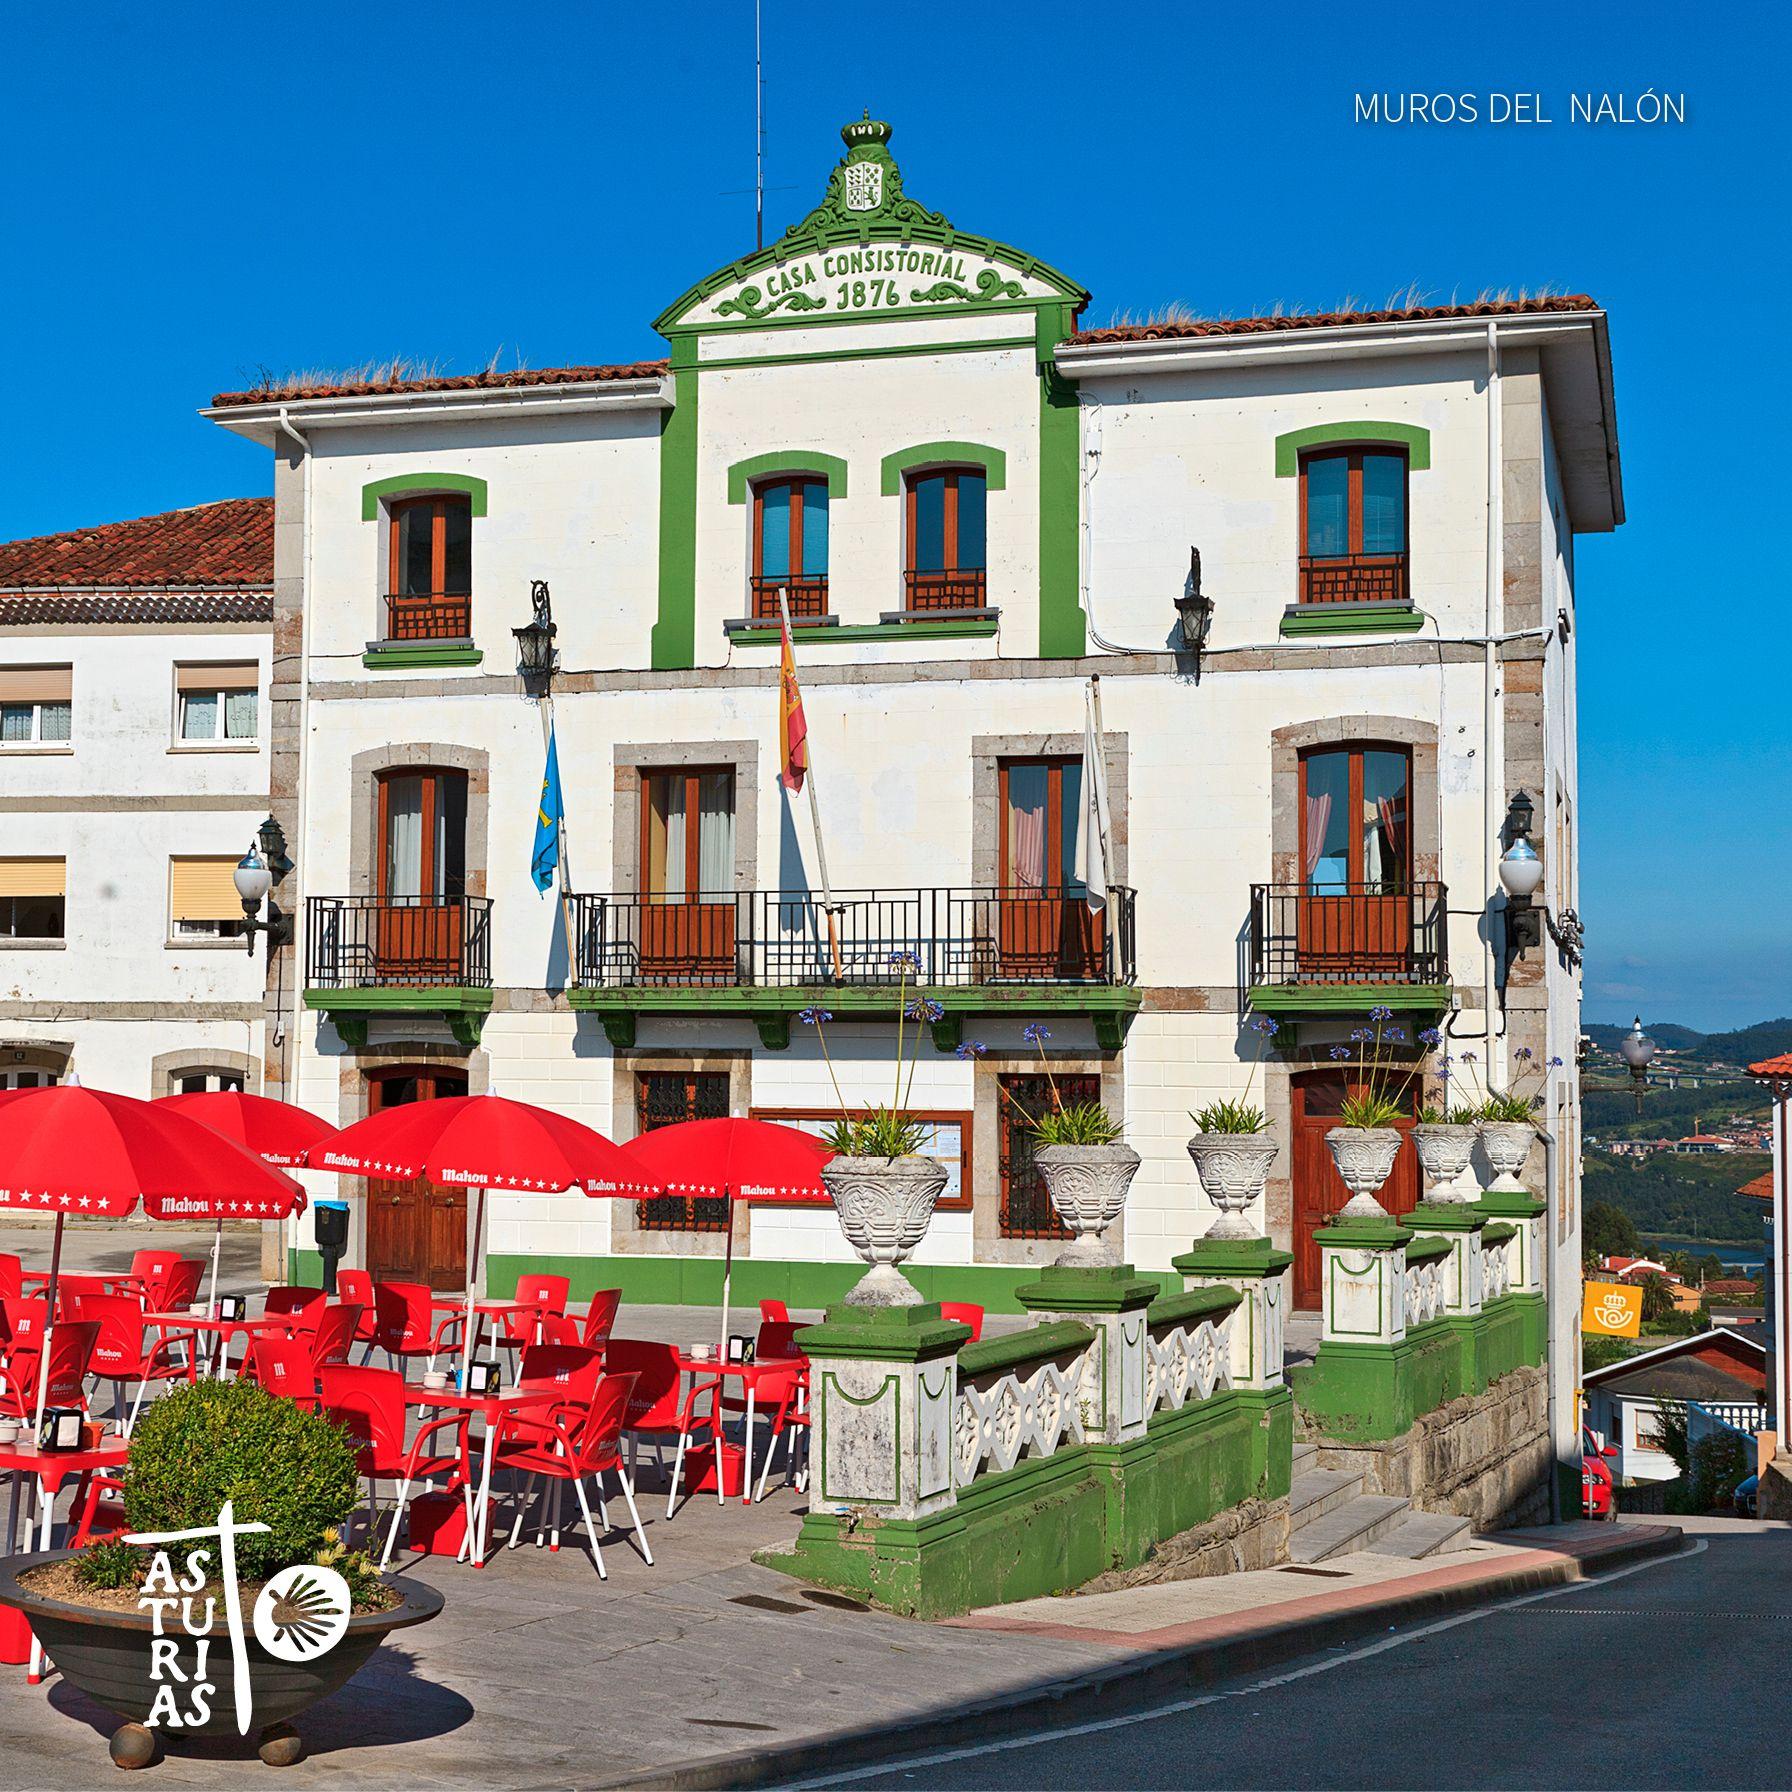 Muros de Nalón #Camino #Santiago #Asturias www.murosdenalon.es